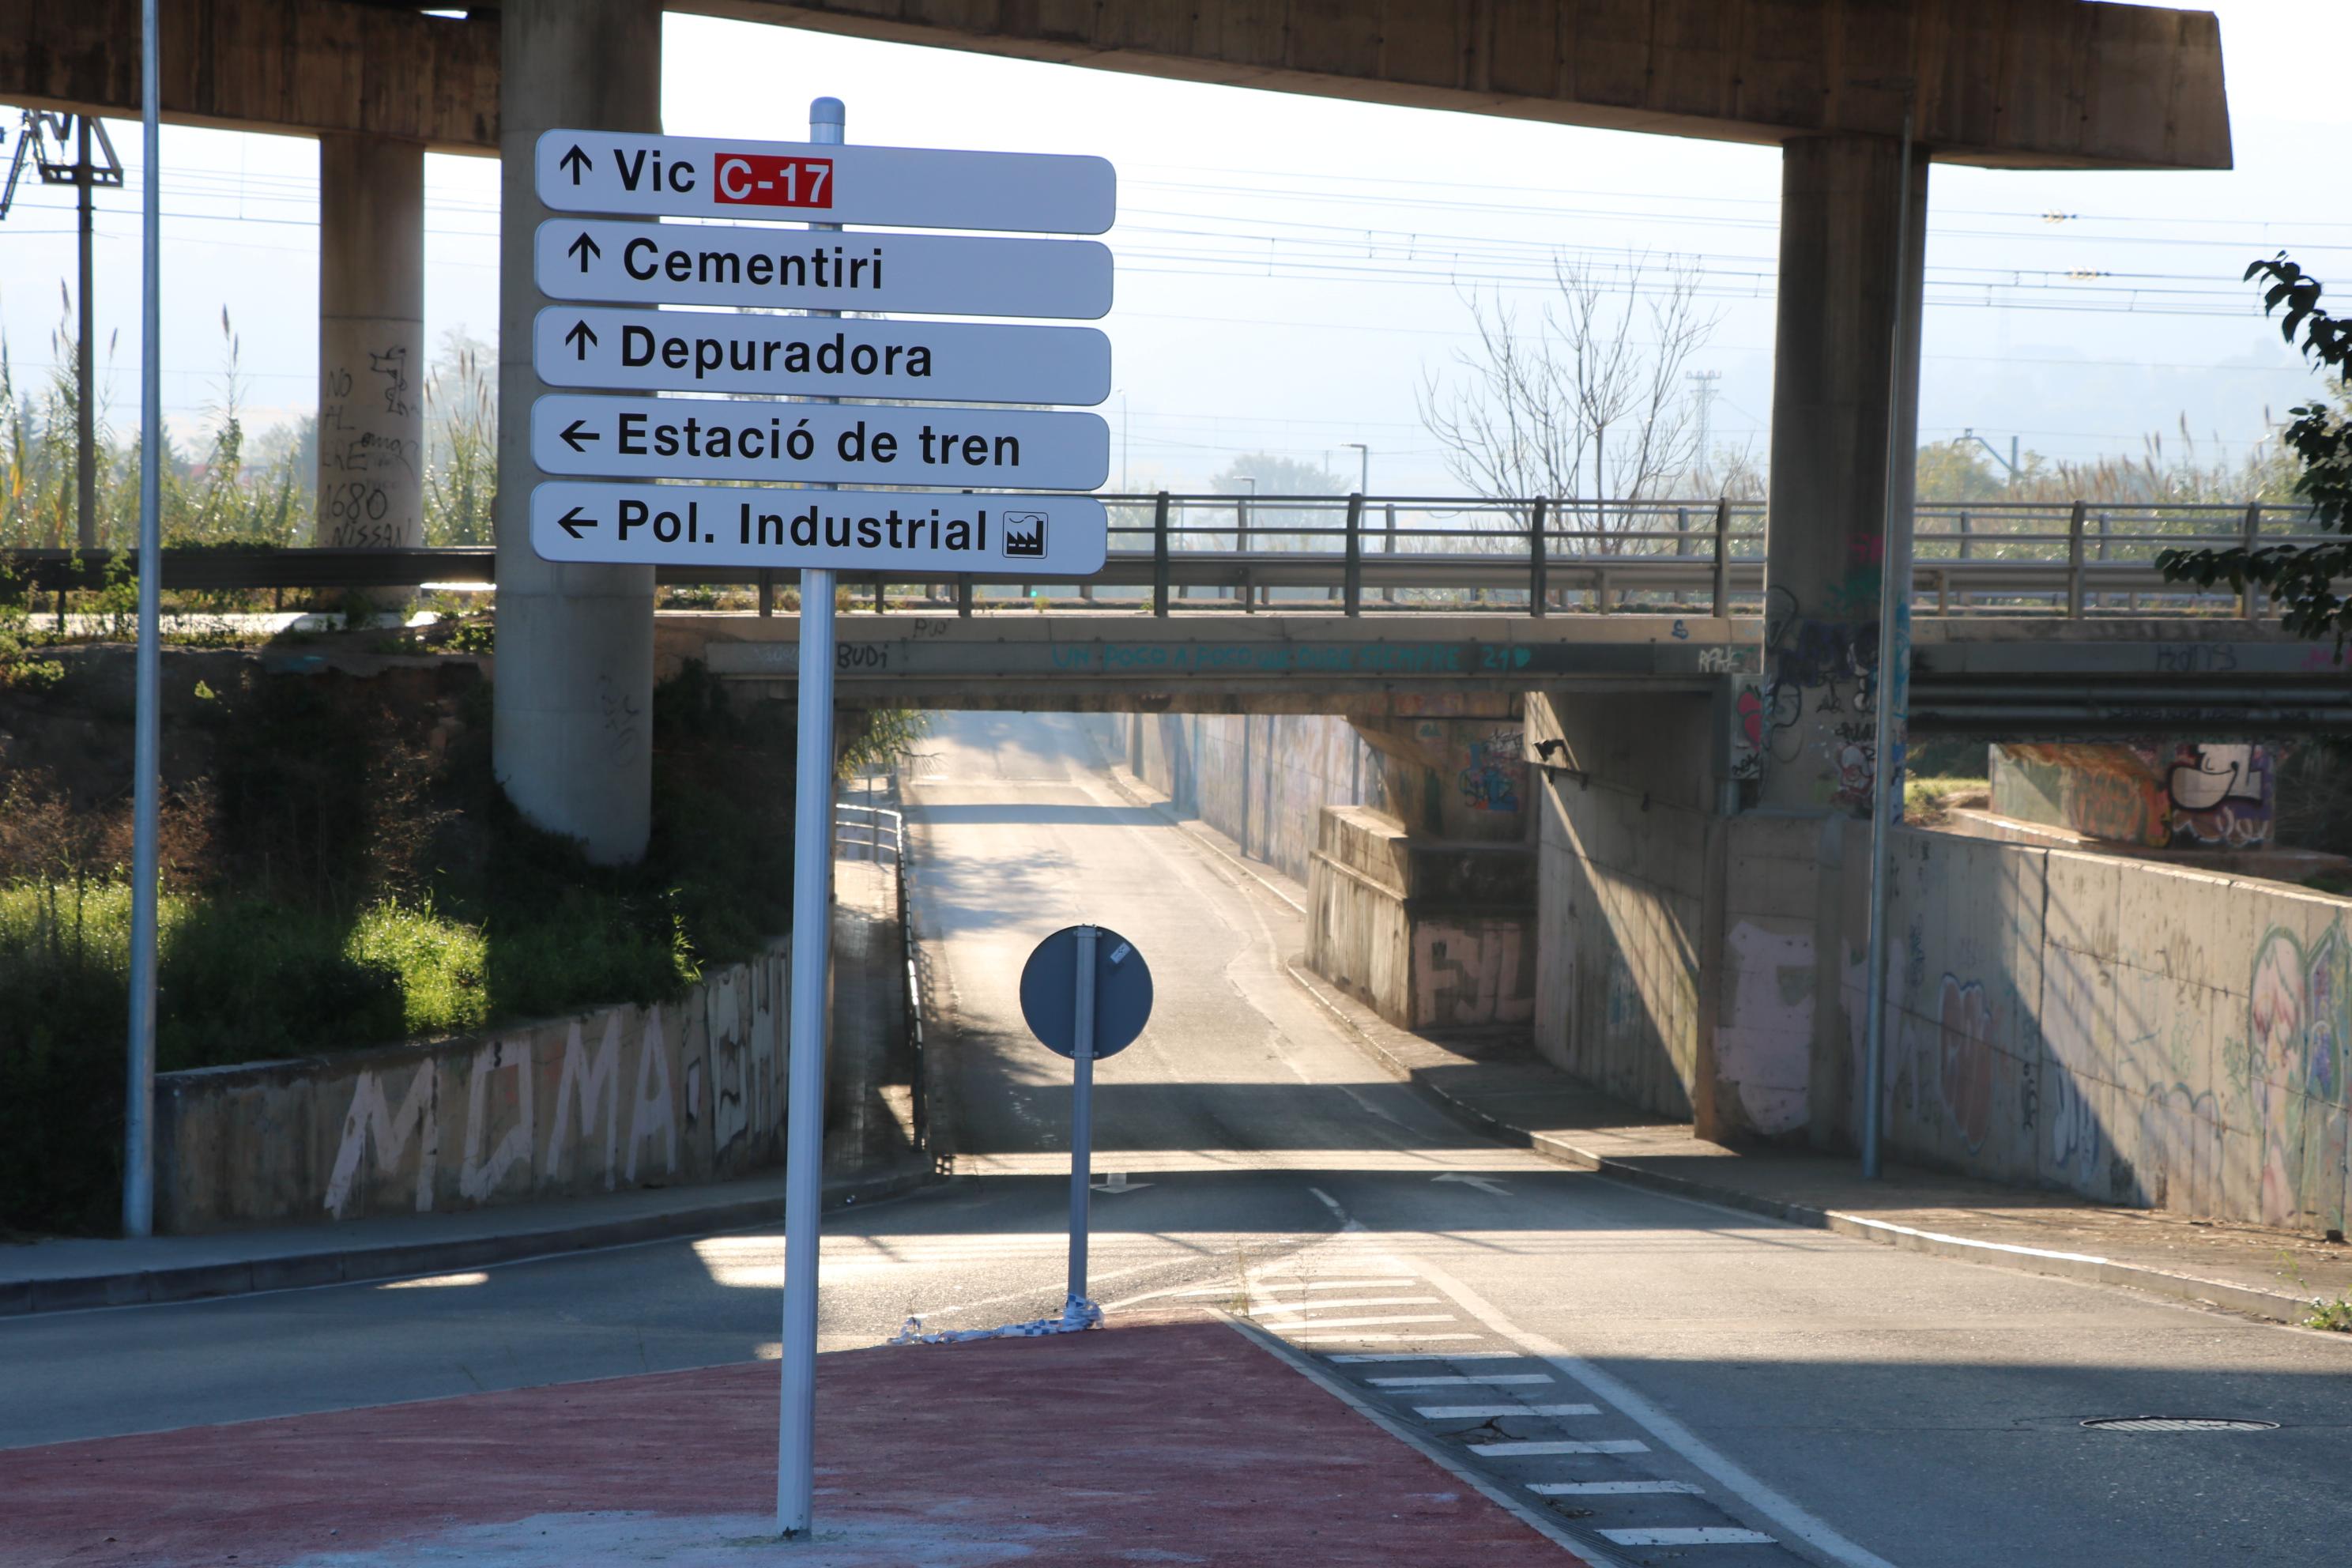 L'Ajuntament instal·la nous senyals per millorar la mobilitat a la Llagosta